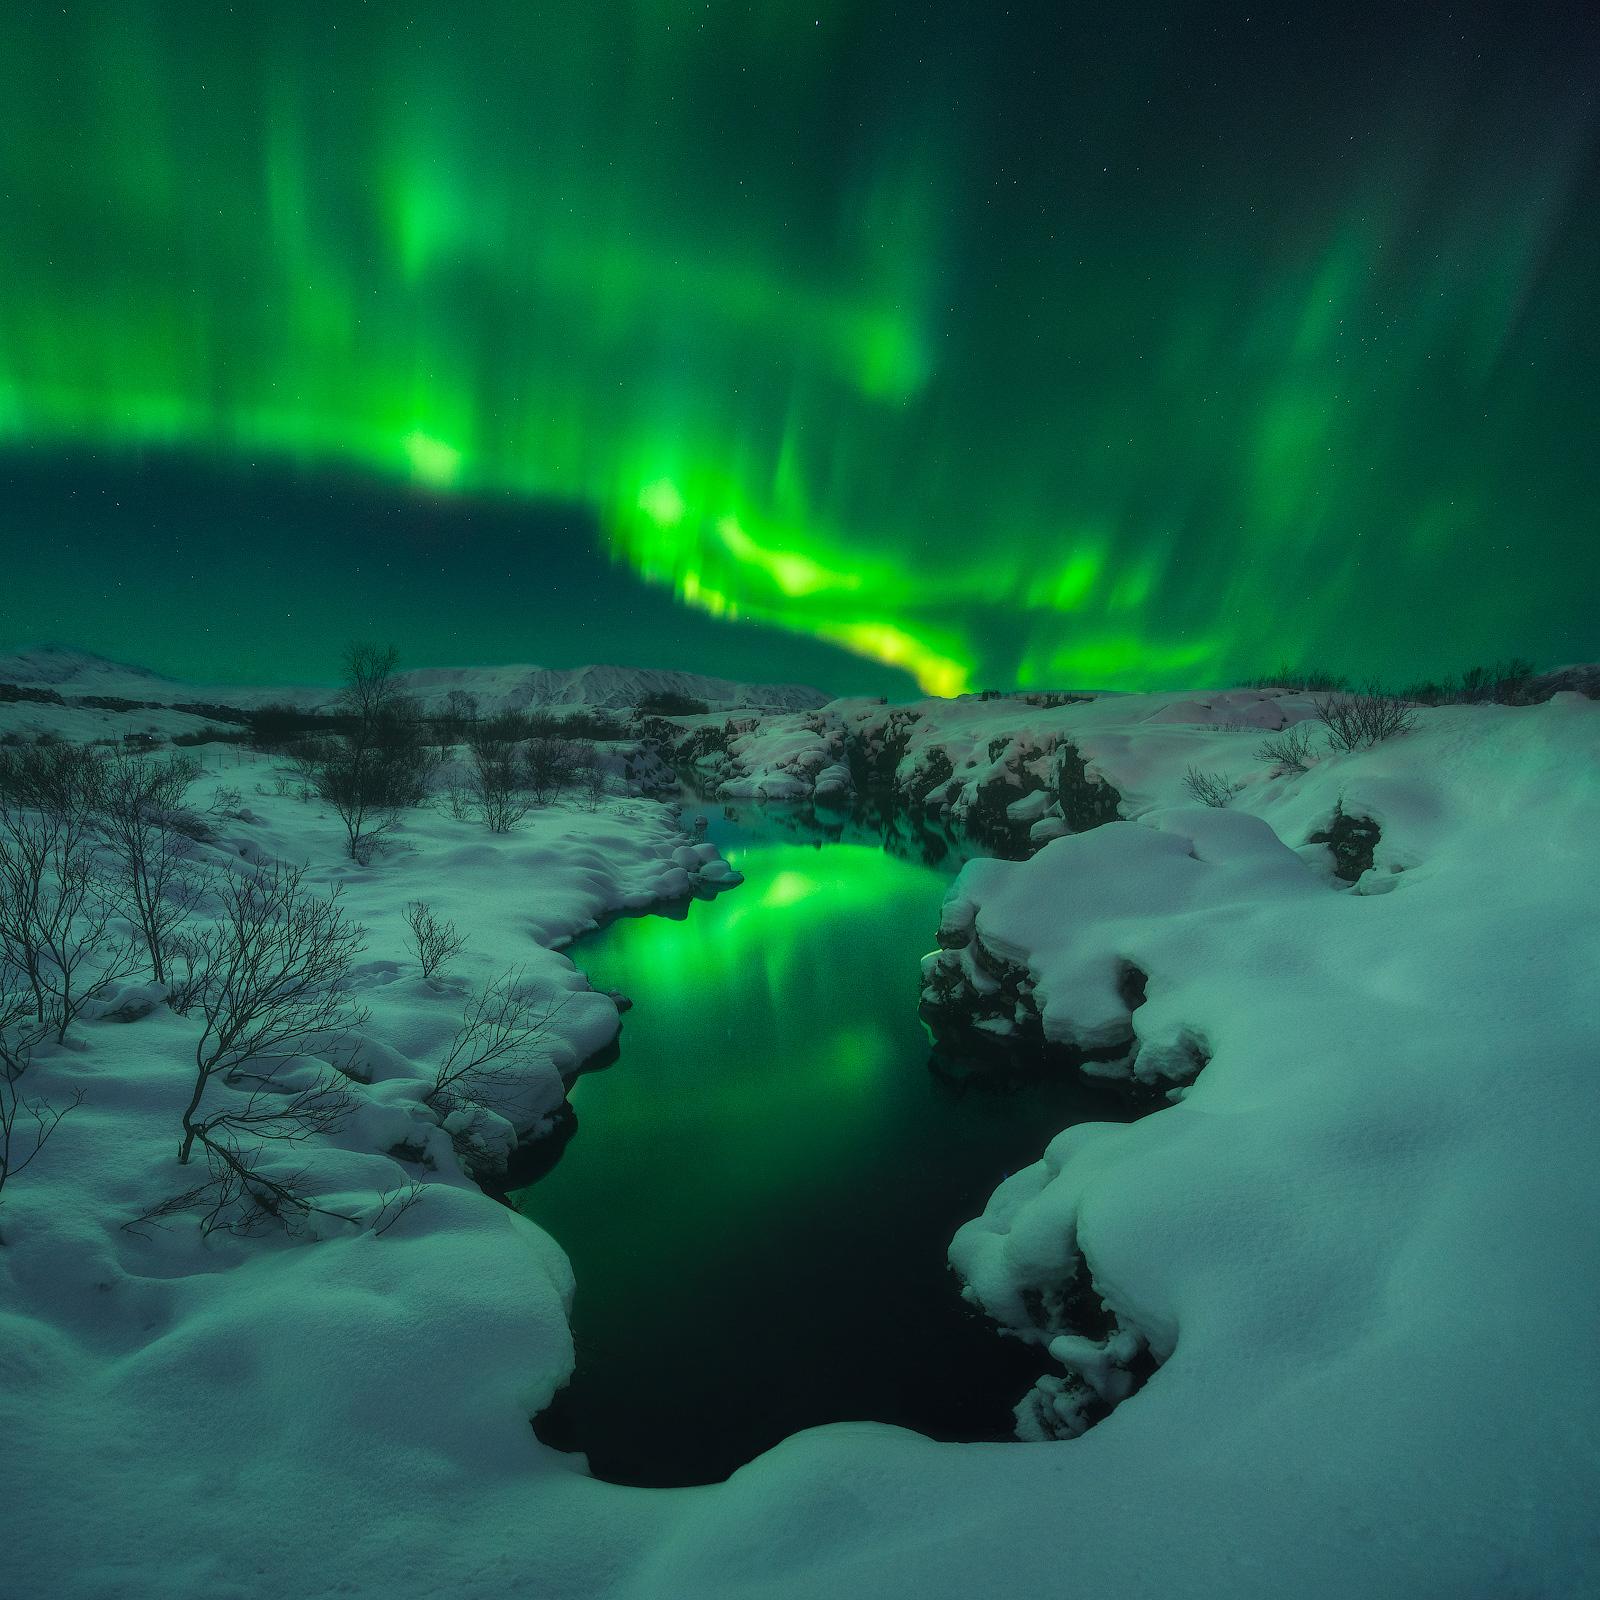 Les aurores boréales tourbillonnant dans le ciel au-dessus du parc national de Þingvellir.